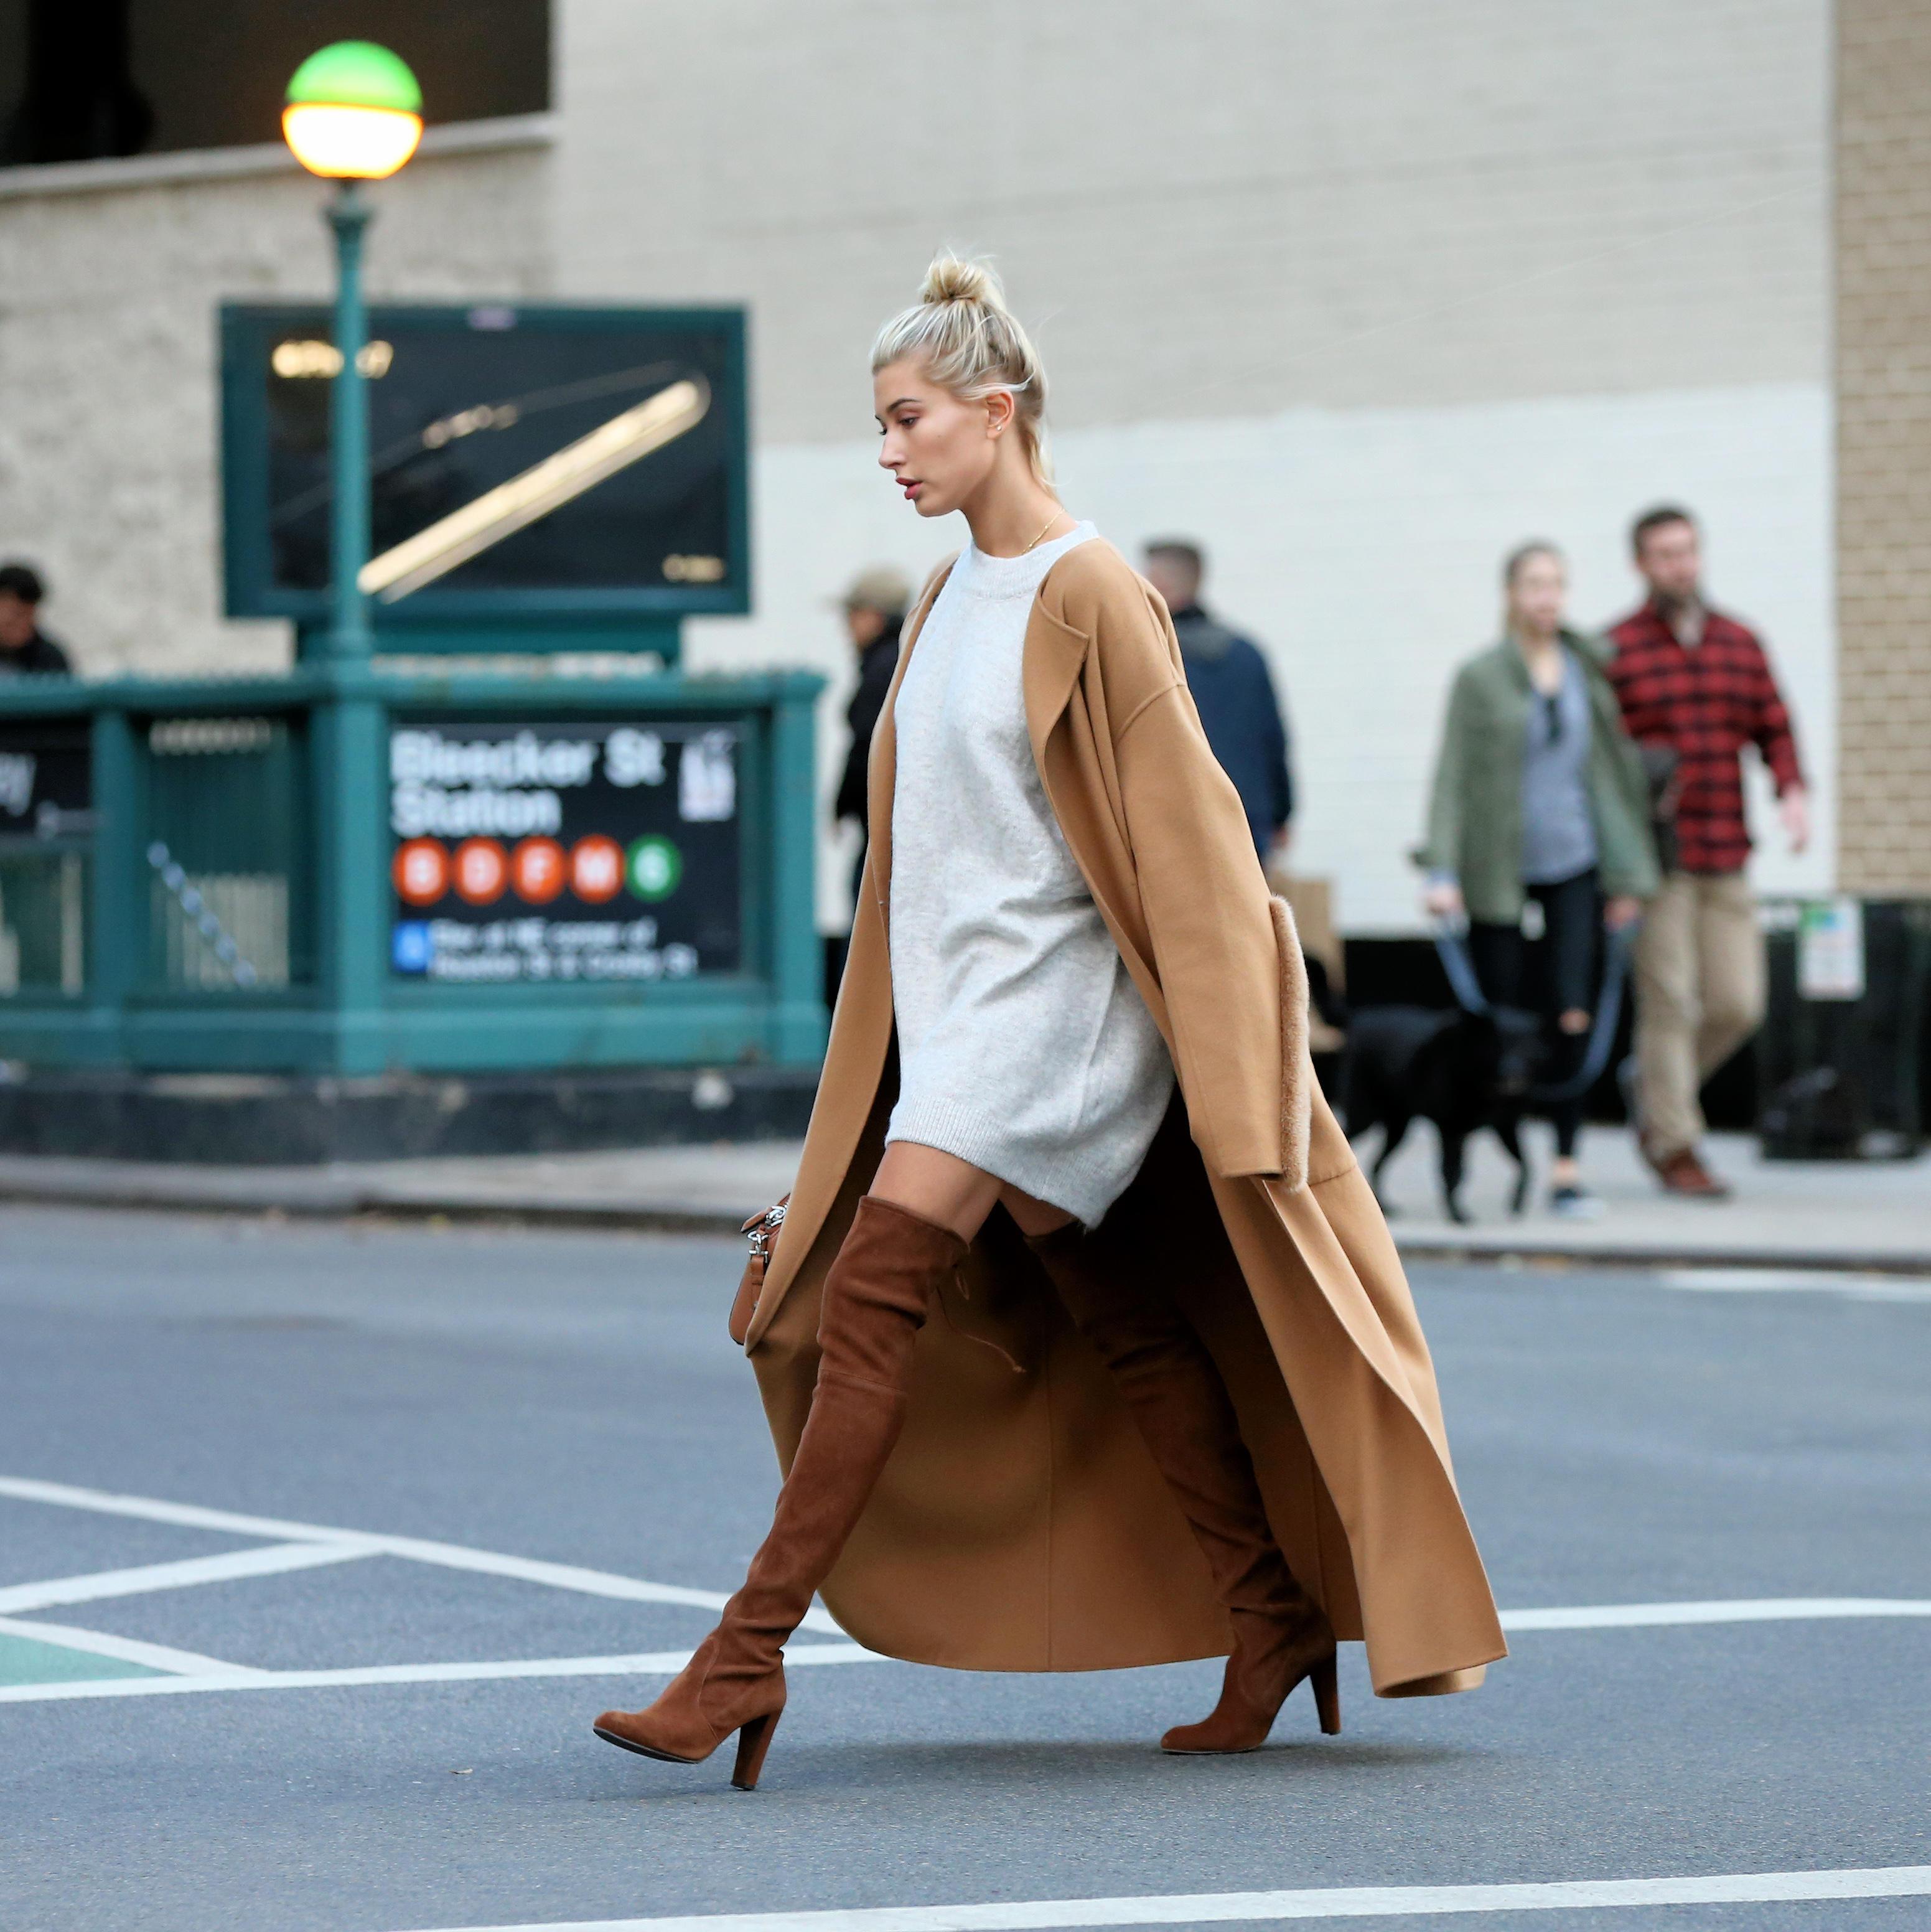 pretty nice 14dc9 1c61e Overknee-Stiefel: So kombiniert Frau den Boot-Look richtig ...